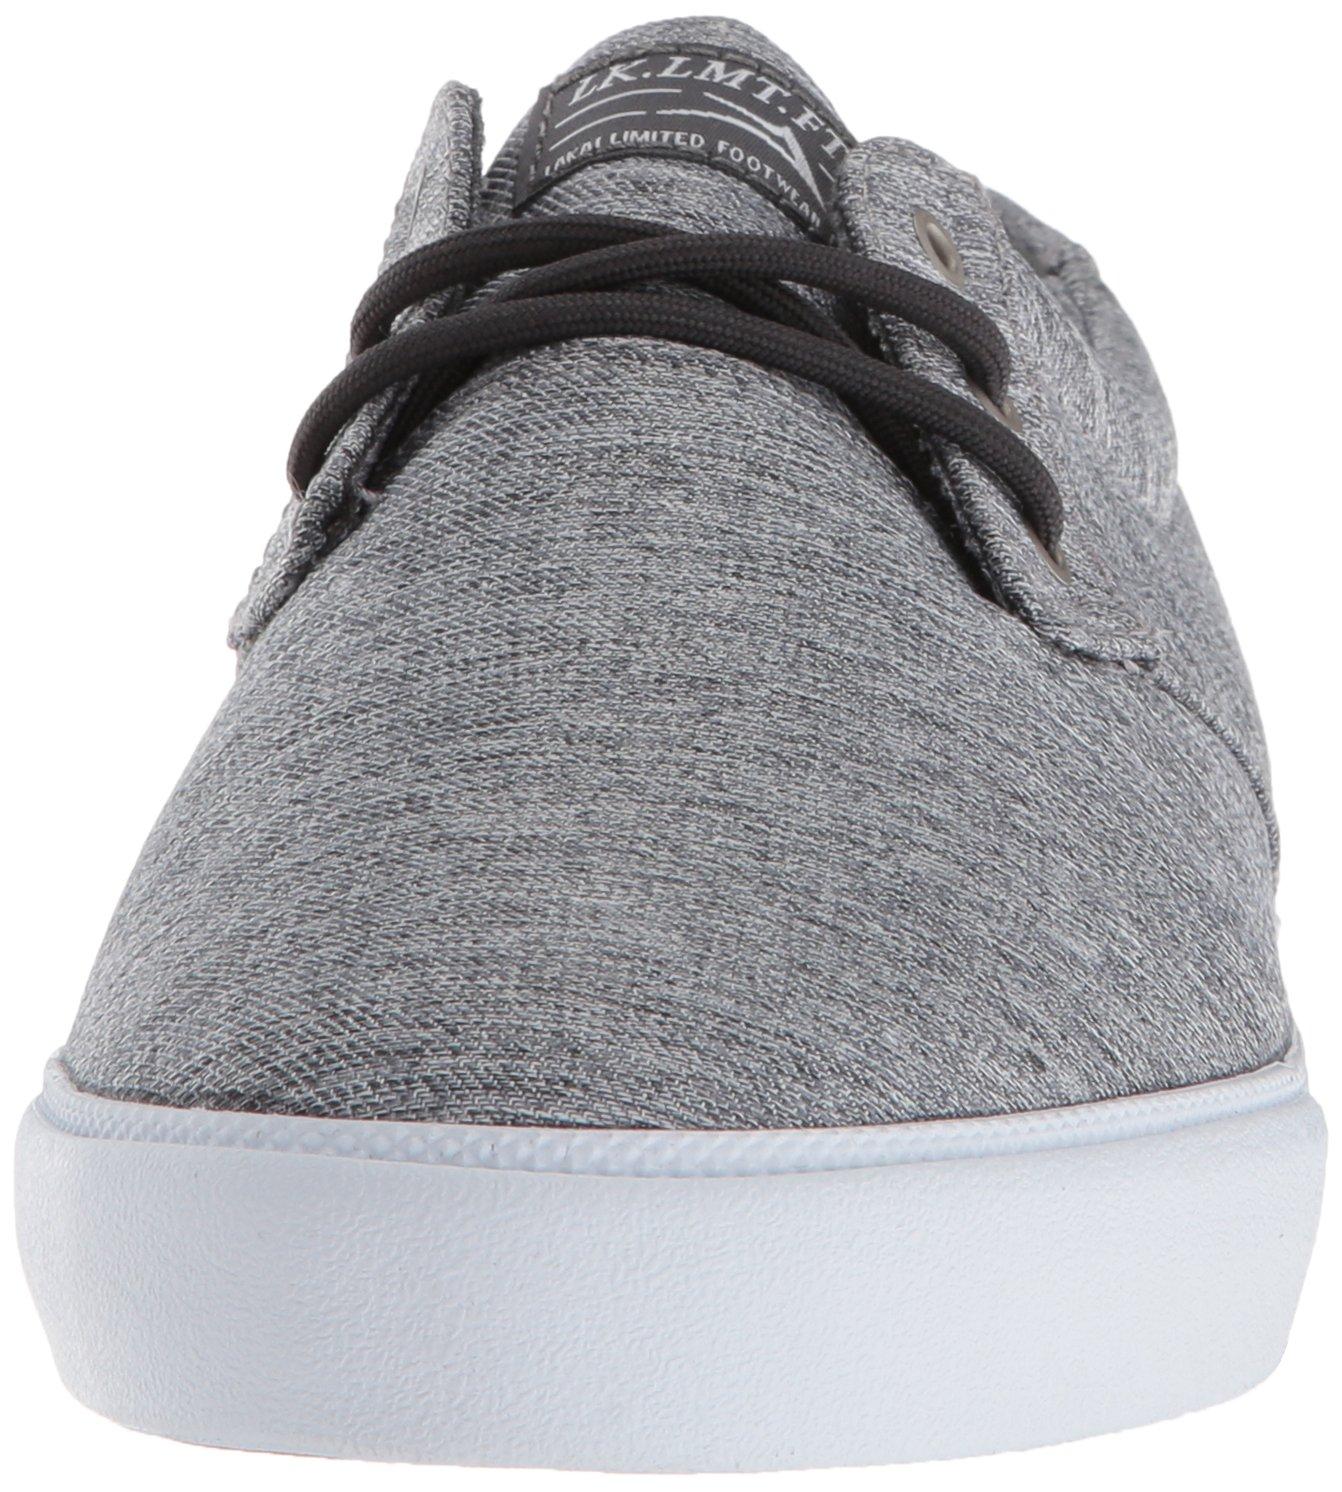 best sneakers a8961 abd00 Zapatillas Daly Skate de Lakai para hombre Textil gris